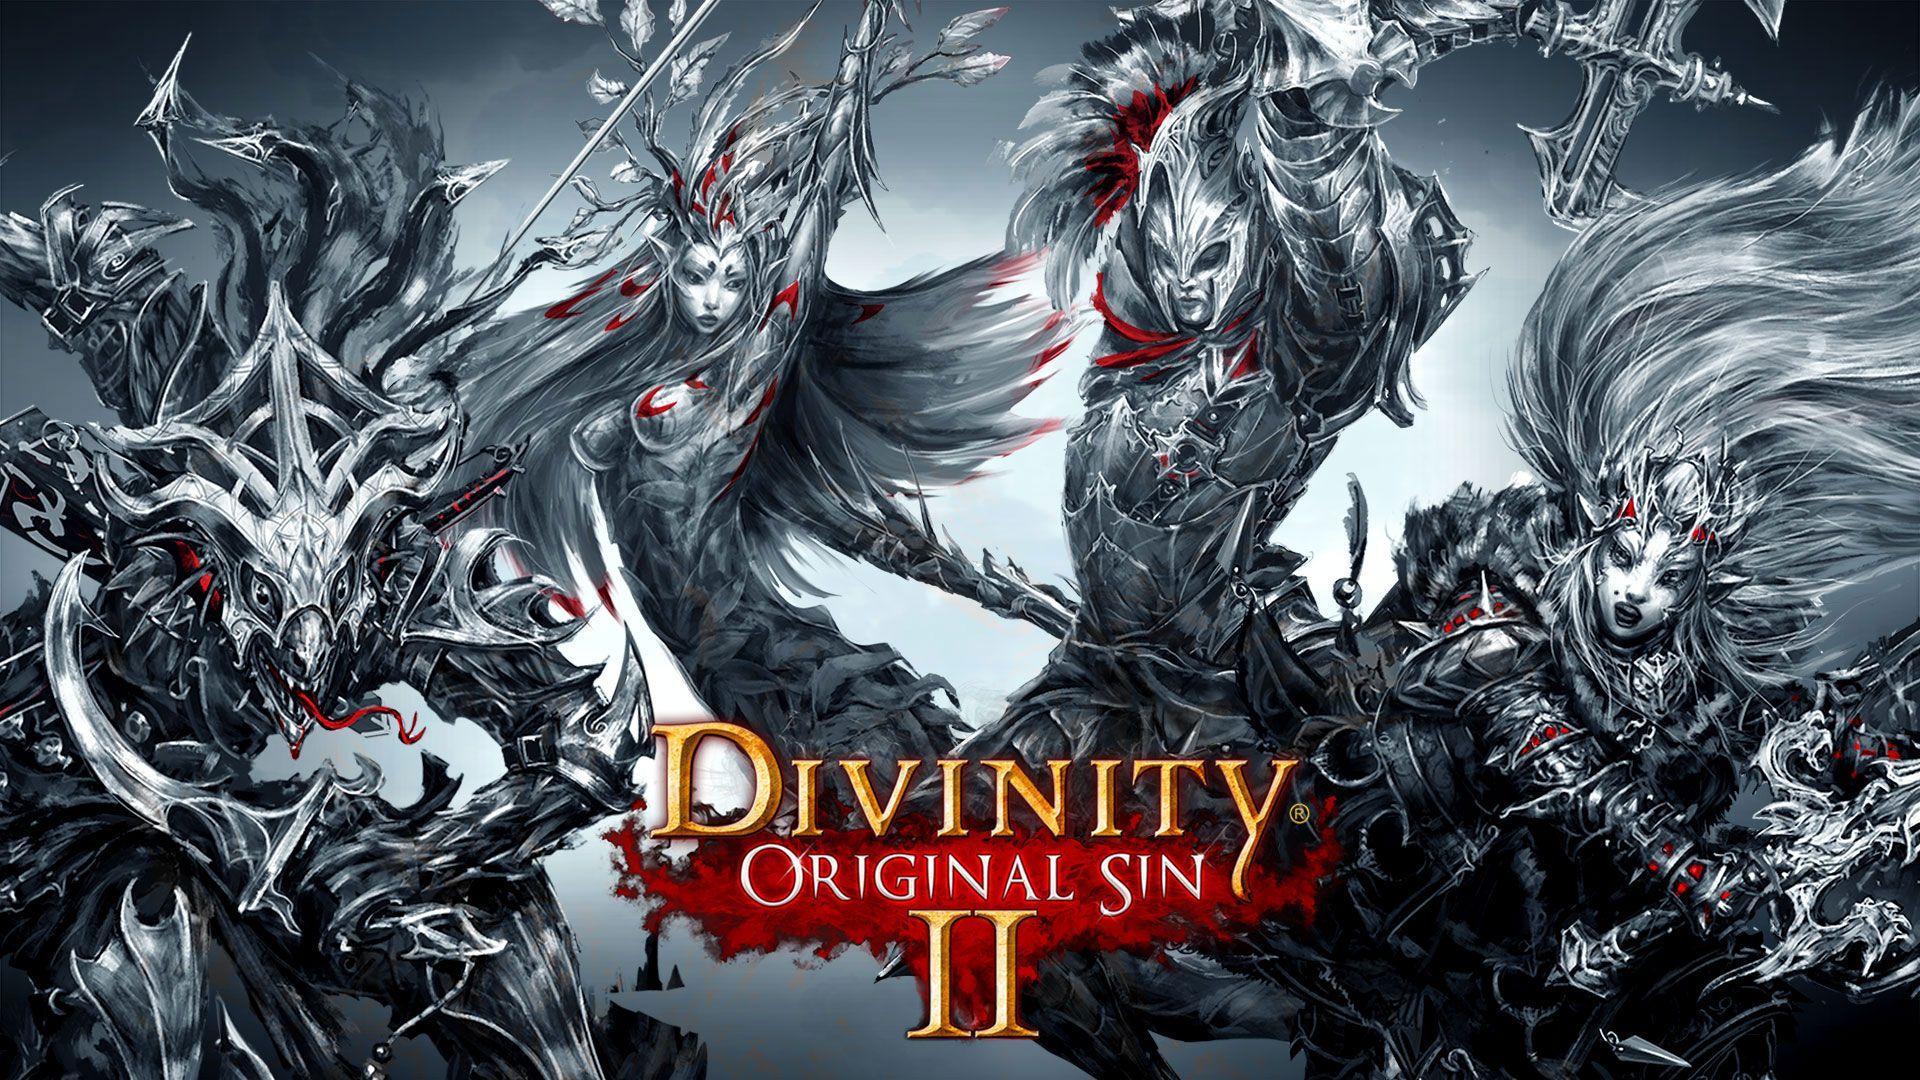 Divinity original sin 2 official wallpaper